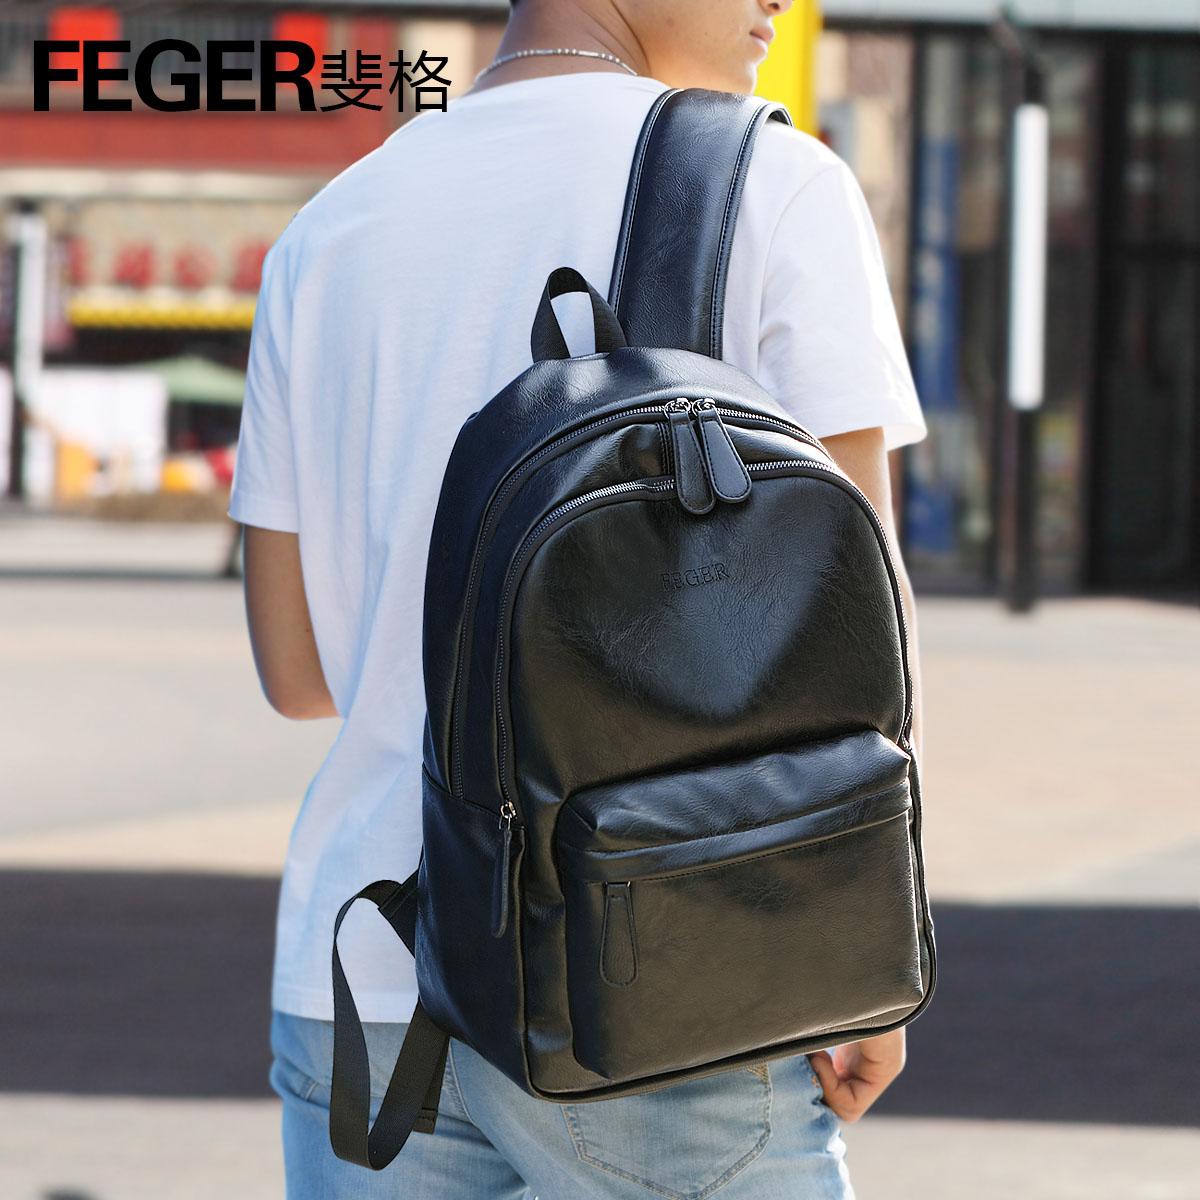 双肩包男士休闲旅行背包包韩版学生商务包电脑皮包大容量潮流书包